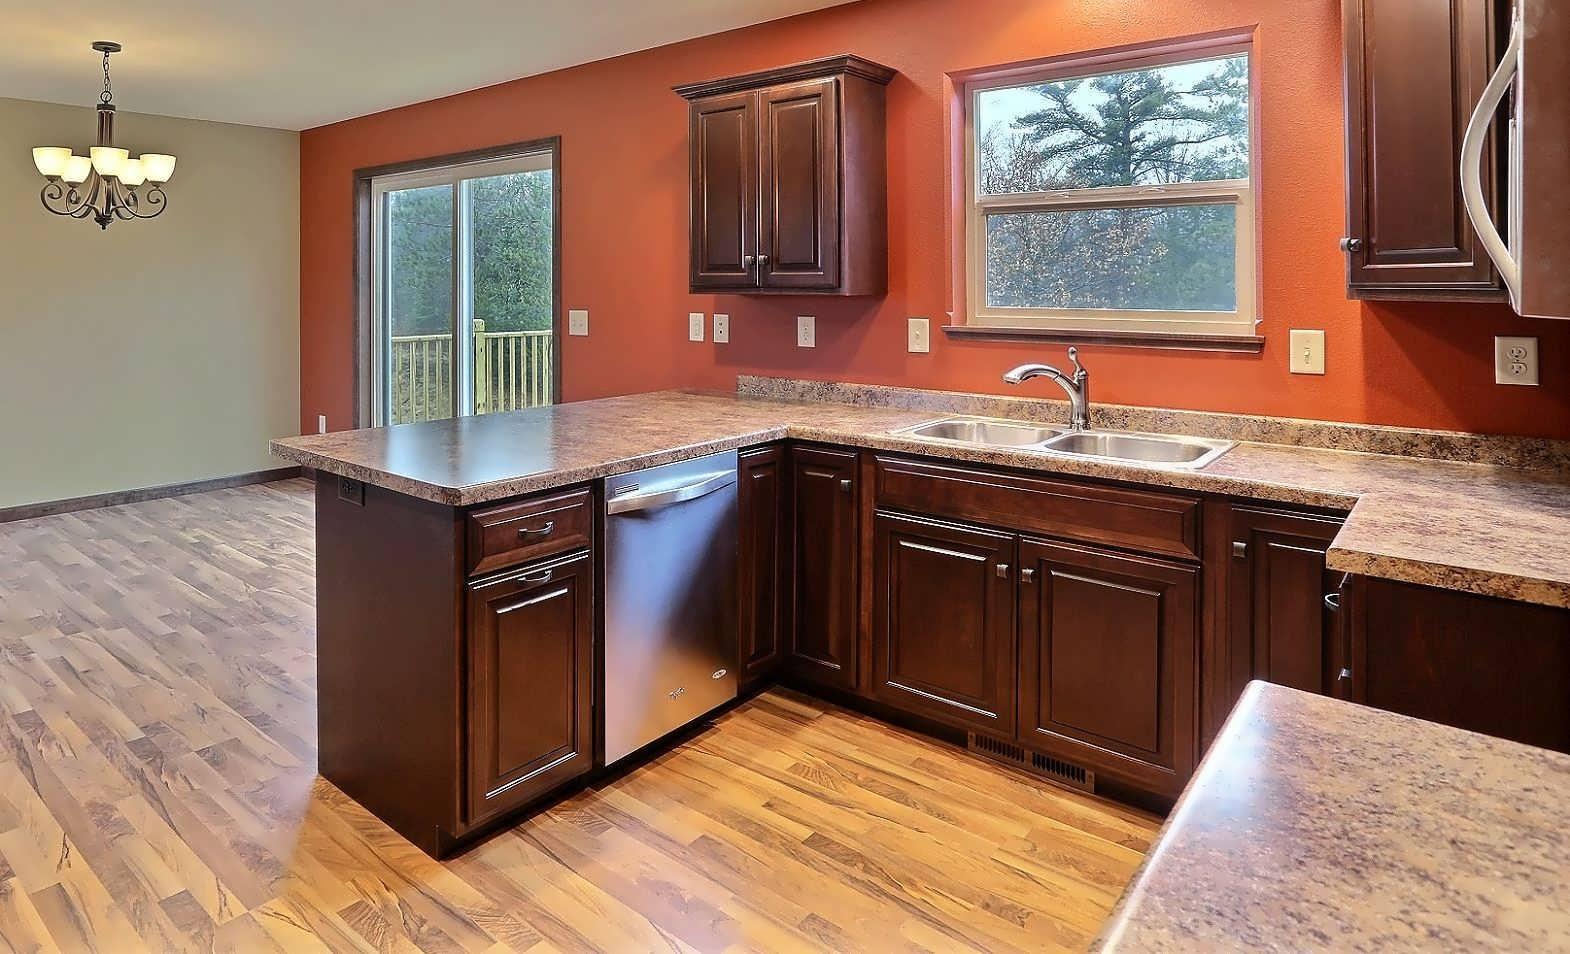 Цвет столешницы для кухни — как правильно подбирать, советы экспертов